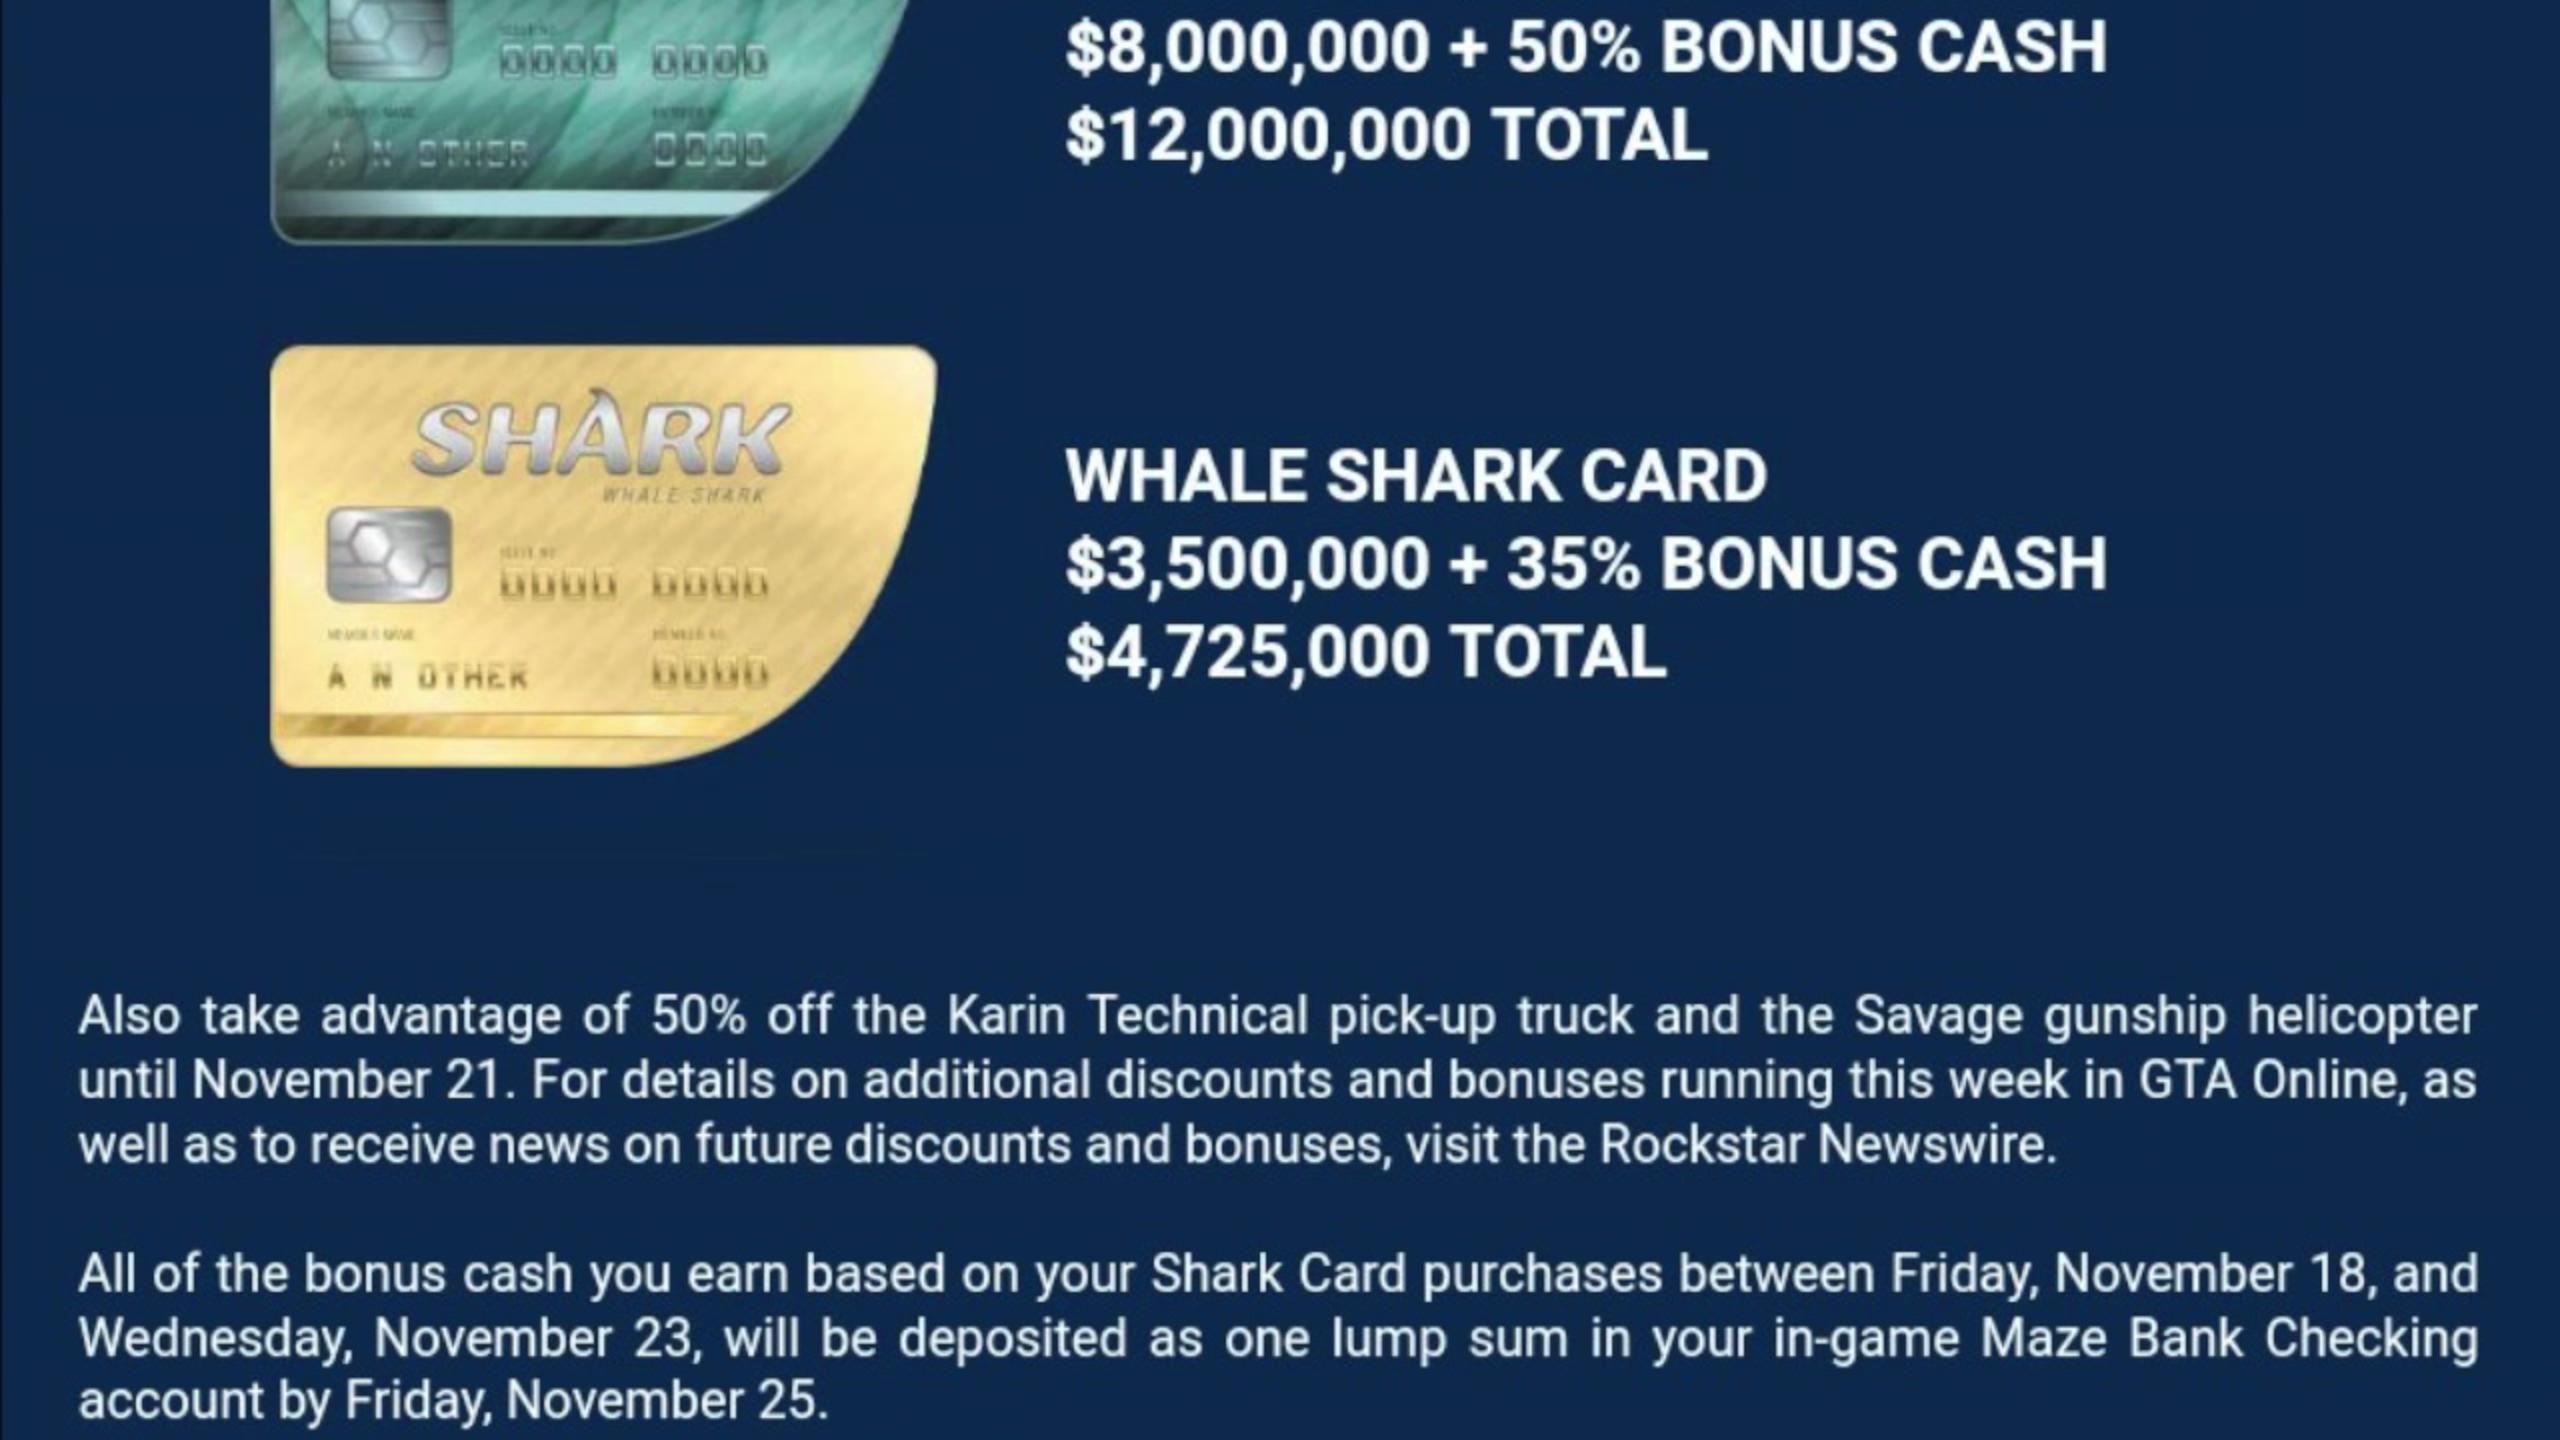 gta shark cards ps4 bonus